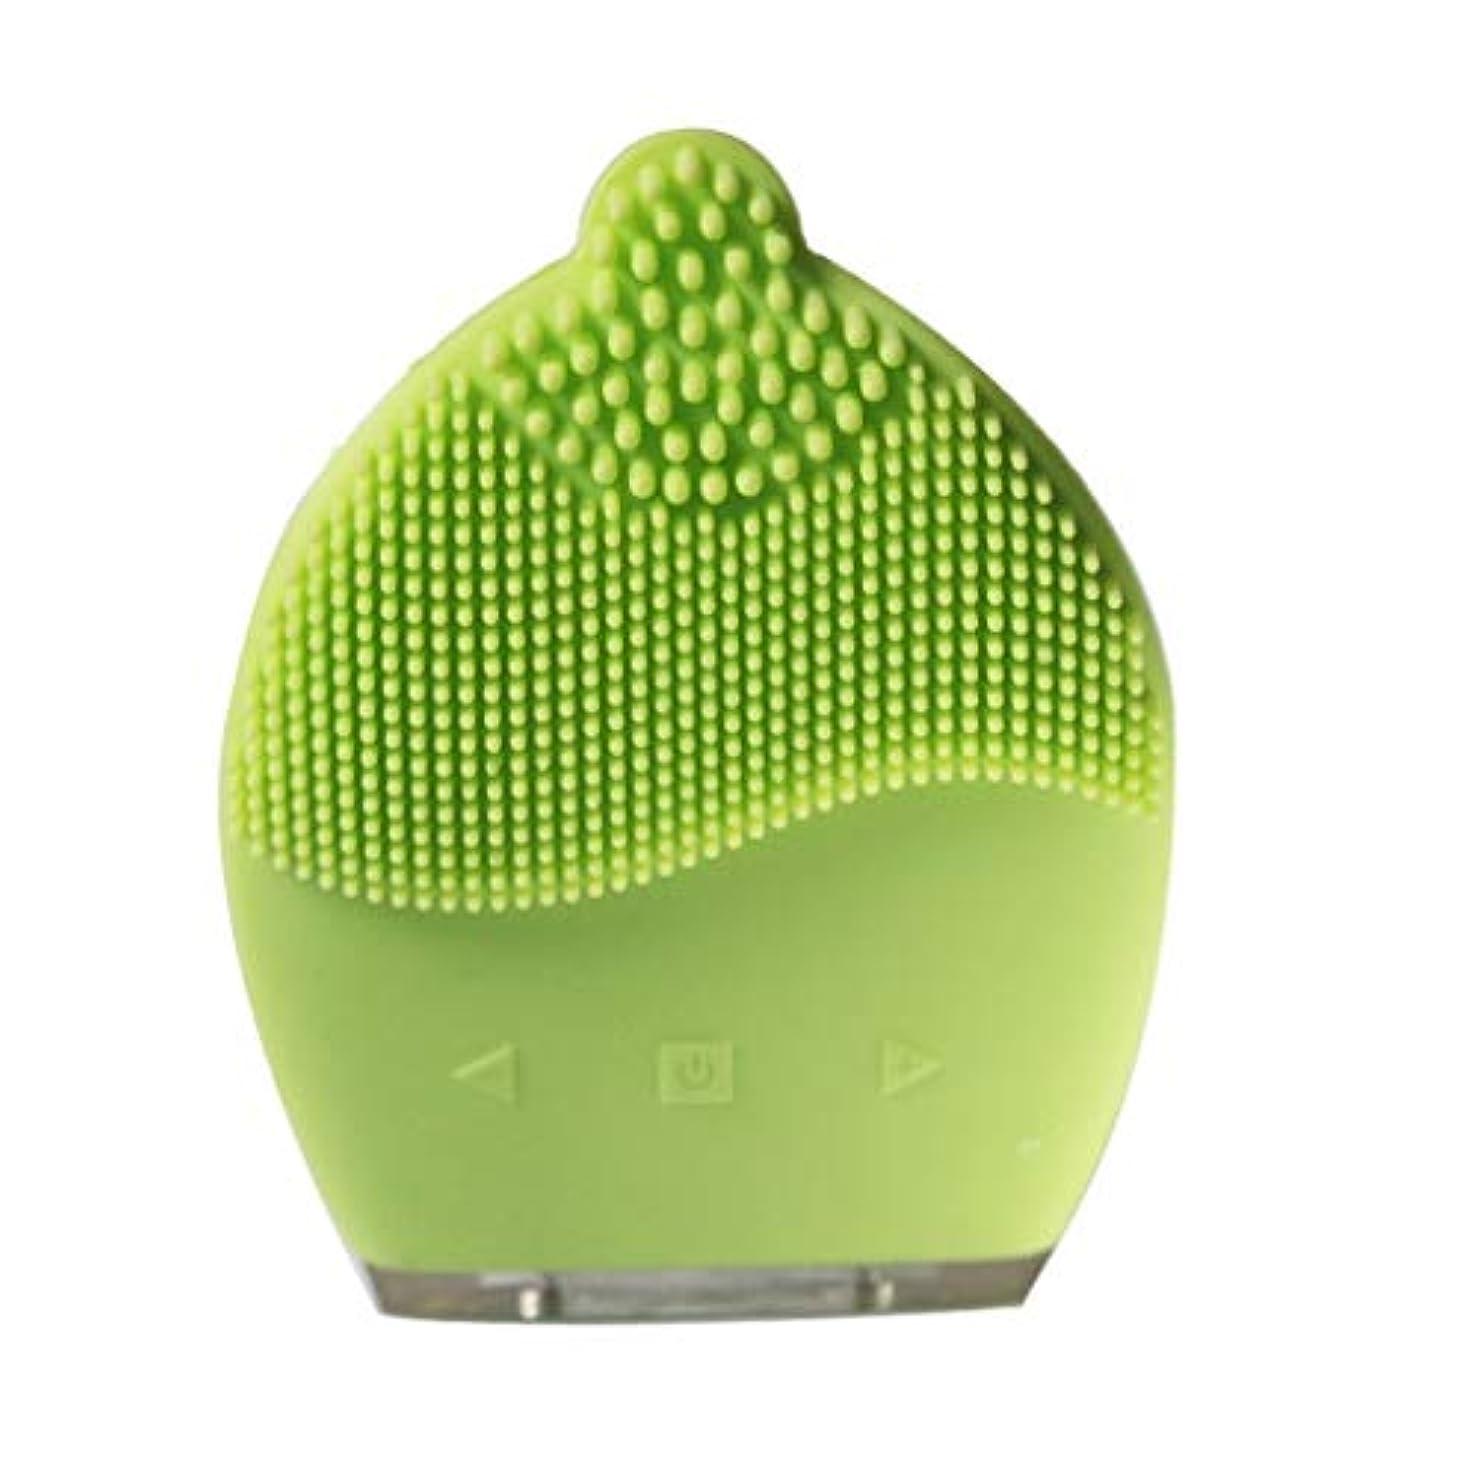 思いやりおっと歌詞電気シリコーンクレンジング器具、USBフェイシャルシリコーンポータブルフェイシャルマッサージャーディープエクスフォリエイティングジェントル&ディープクレンジングフェイシャル (Color : Green)